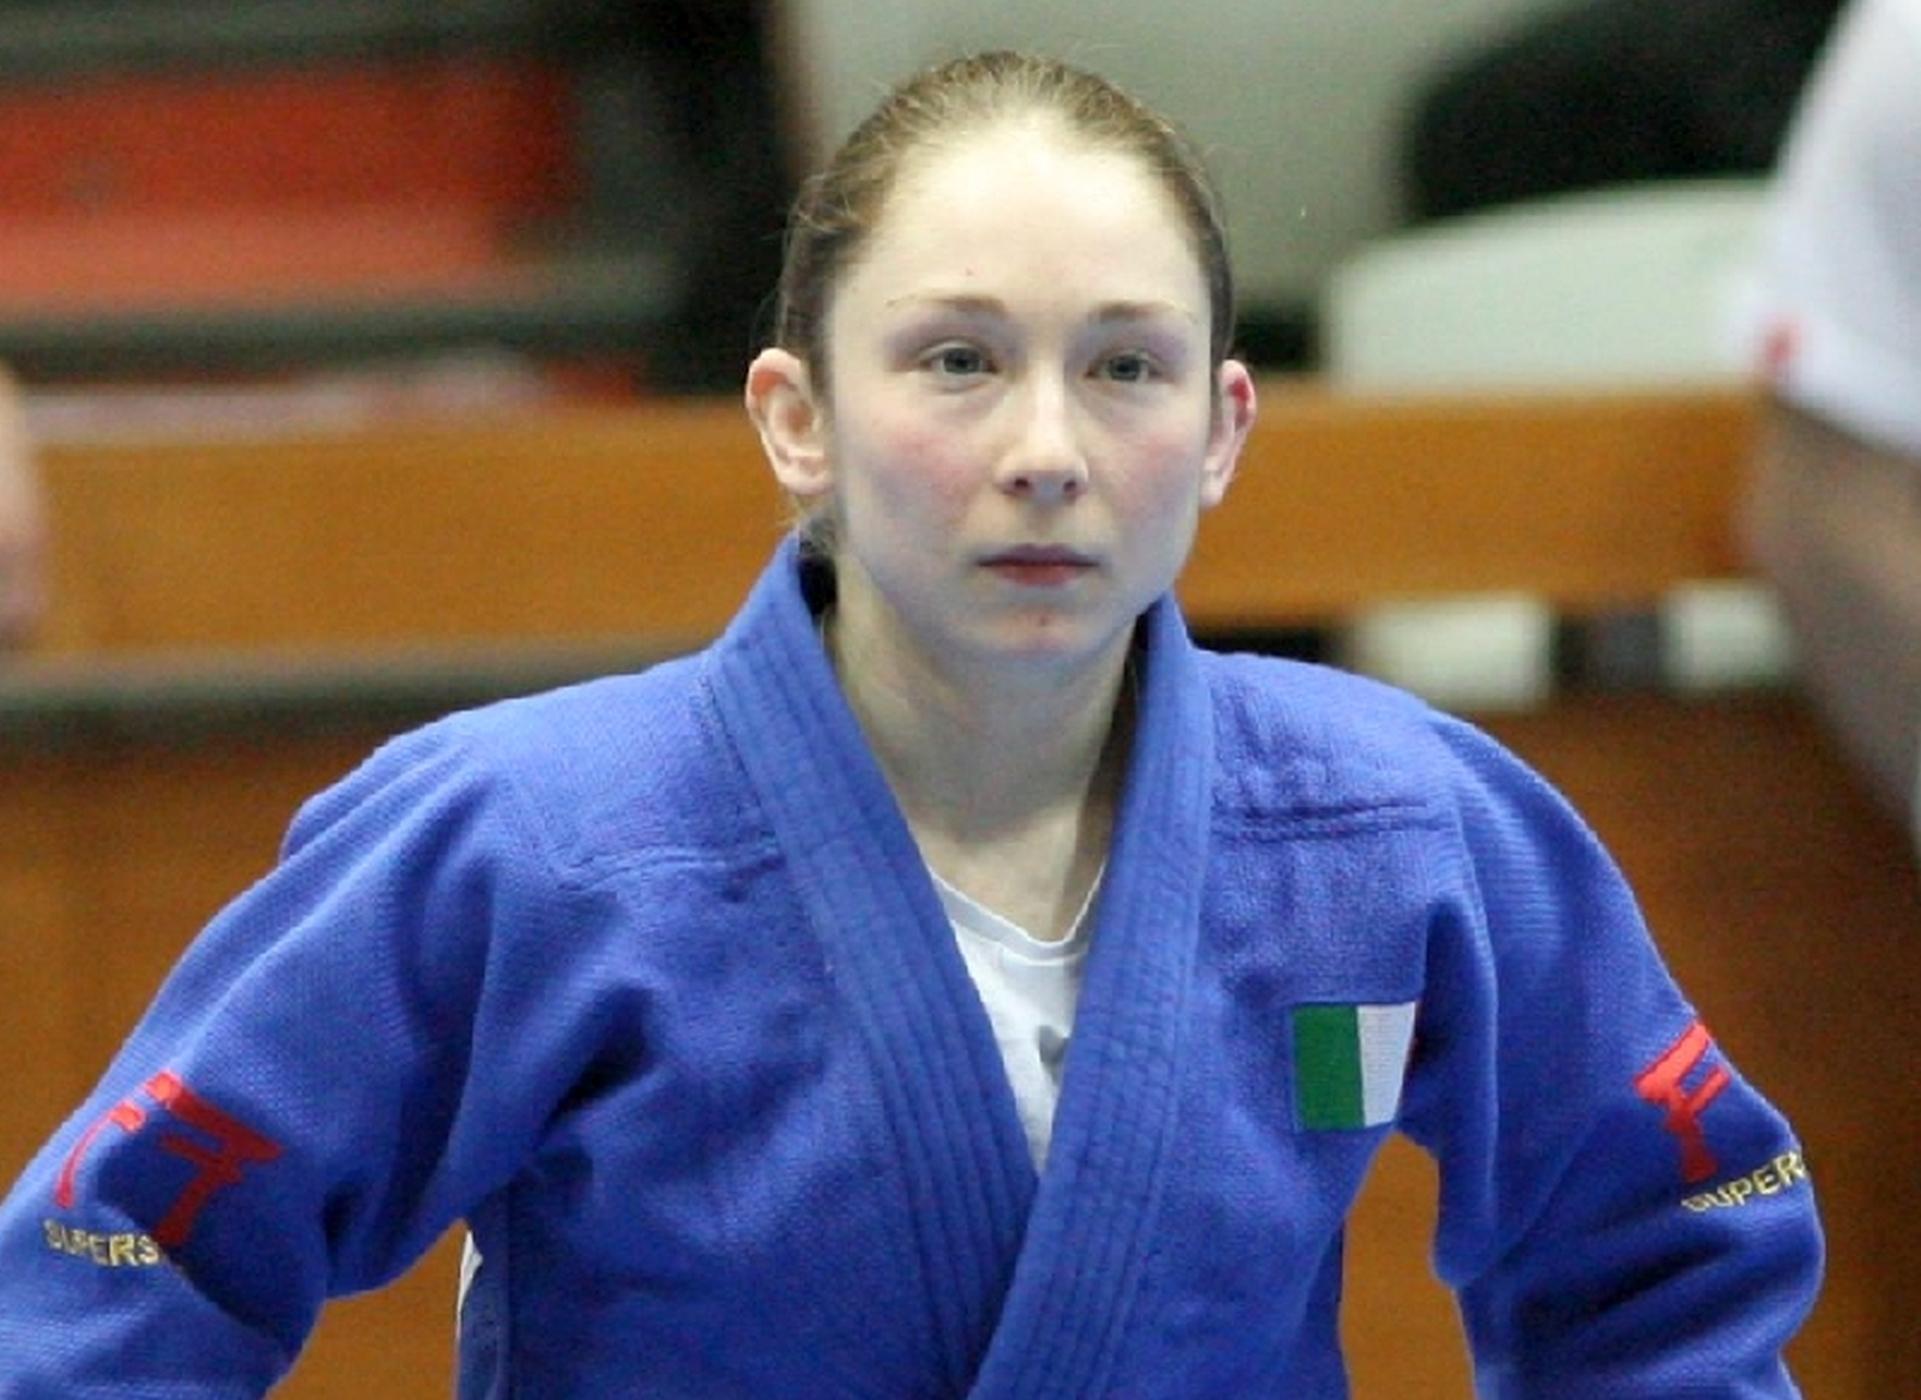 JudoInside - News - Irish judoka Lisa Kearney retires